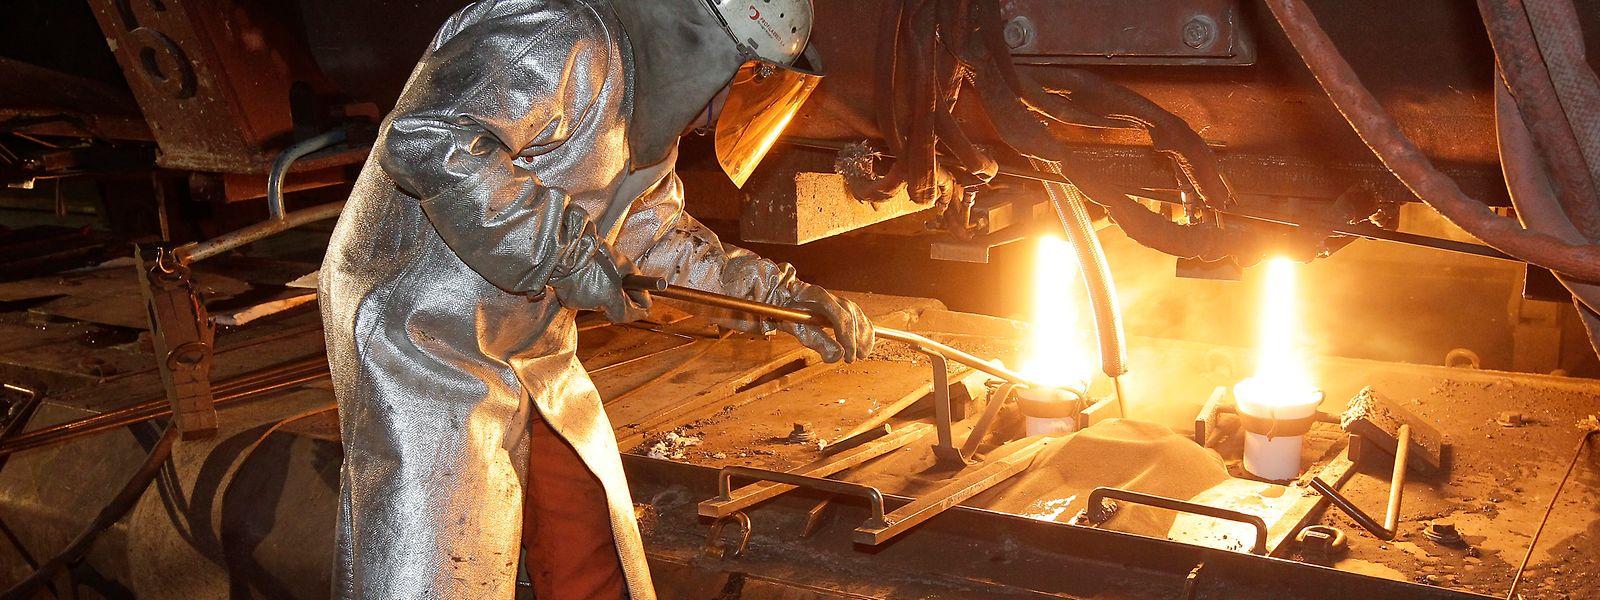 Das Stahlwerk von Arcelor-Mittal in Differdingen